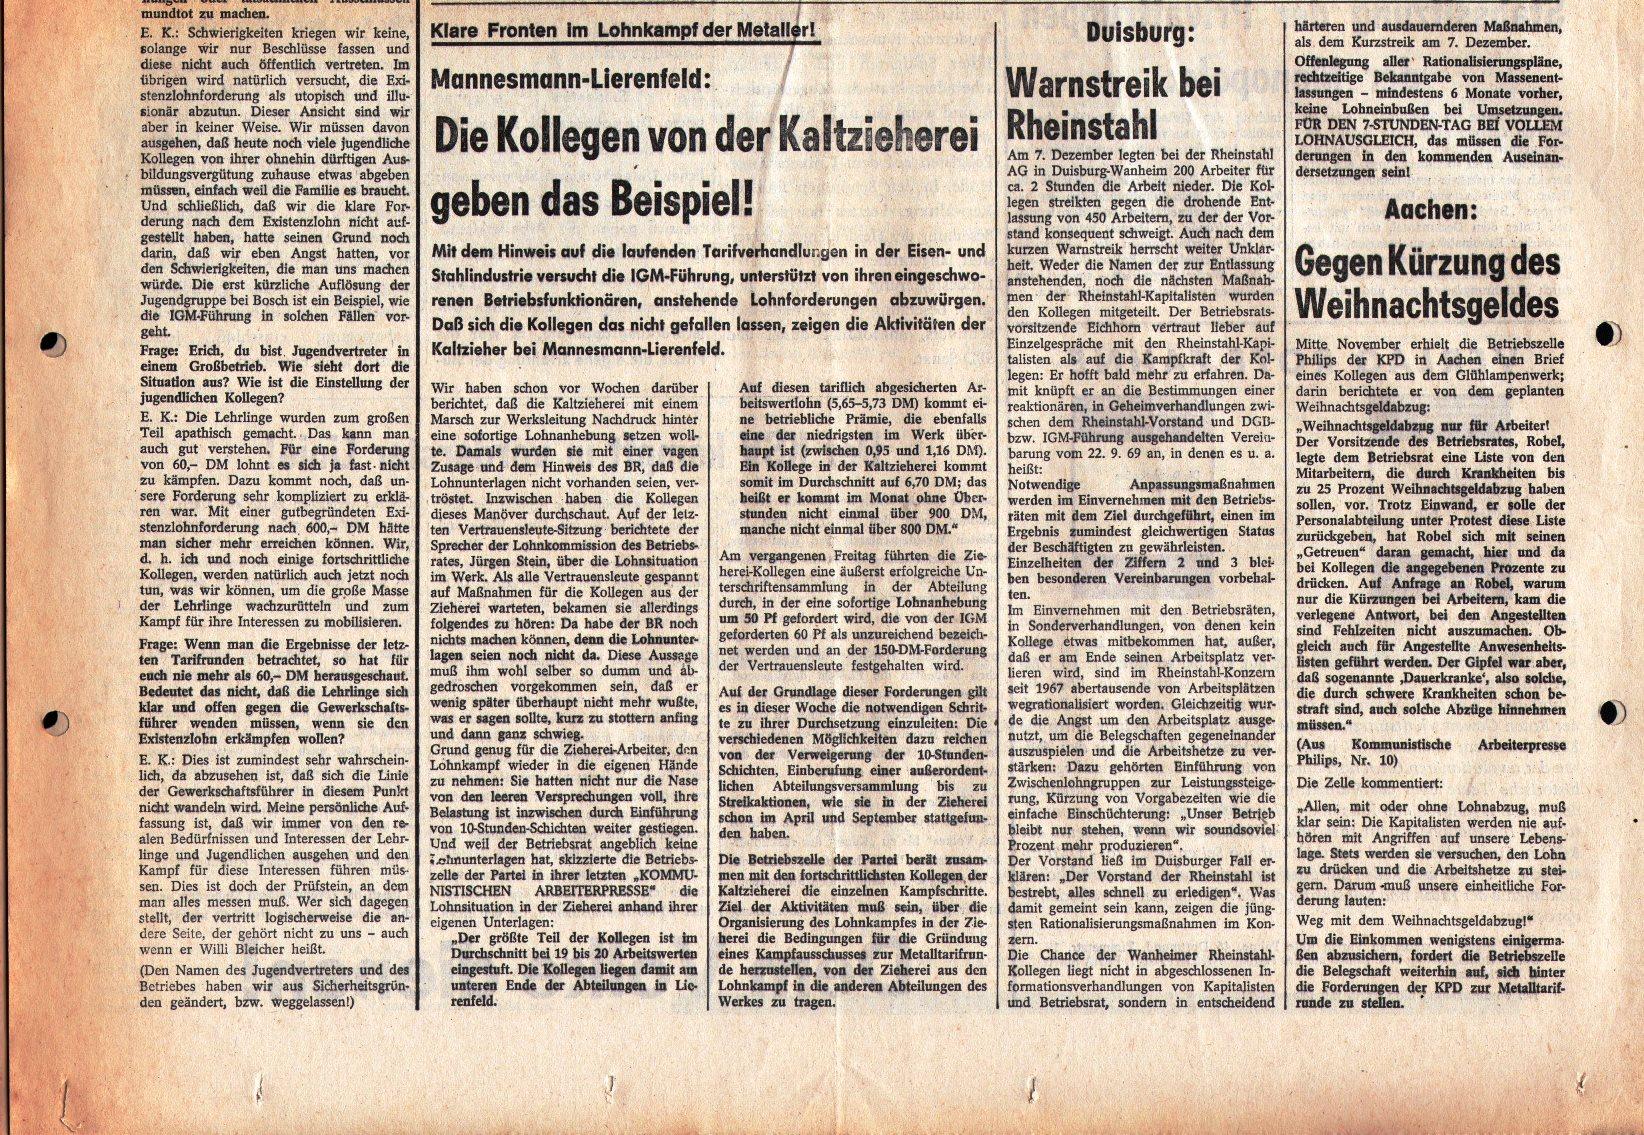 KPD_Rote_Fahne_1972_73_08